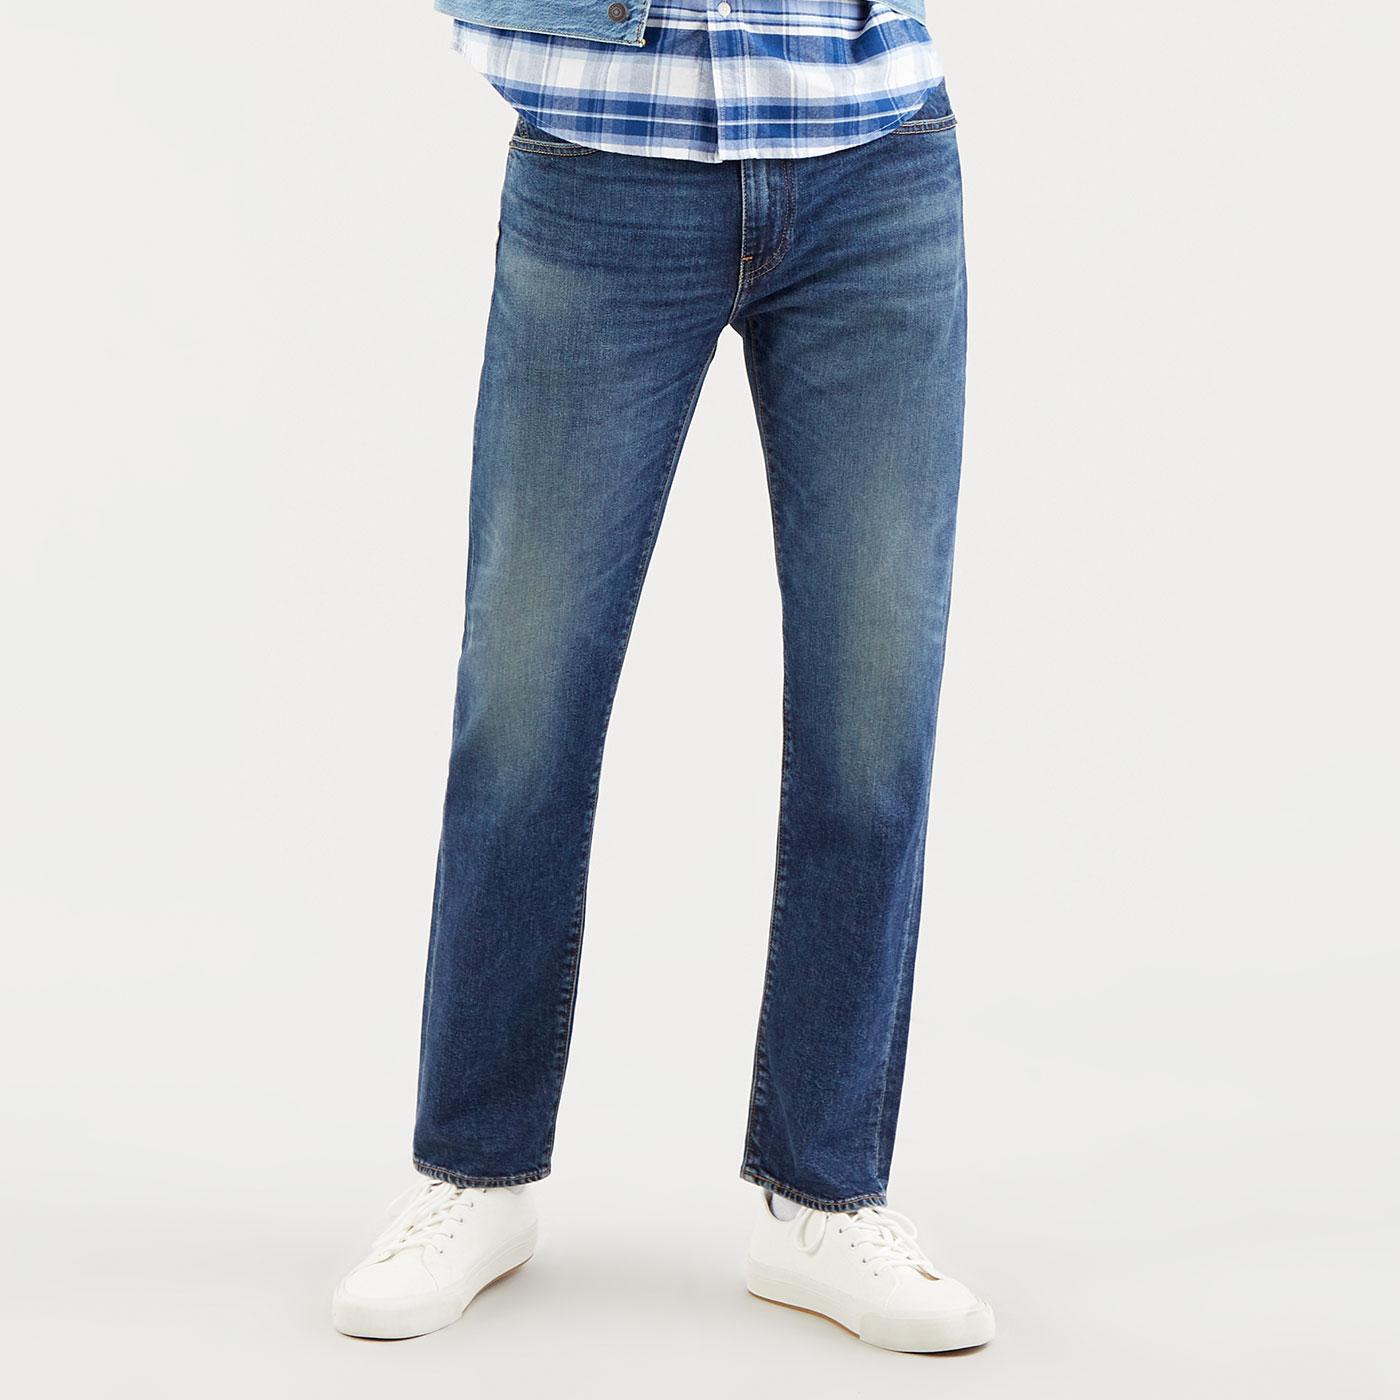 LEVI'S 502 Taper Retro Mod Jeans (Moto Cross Adv)